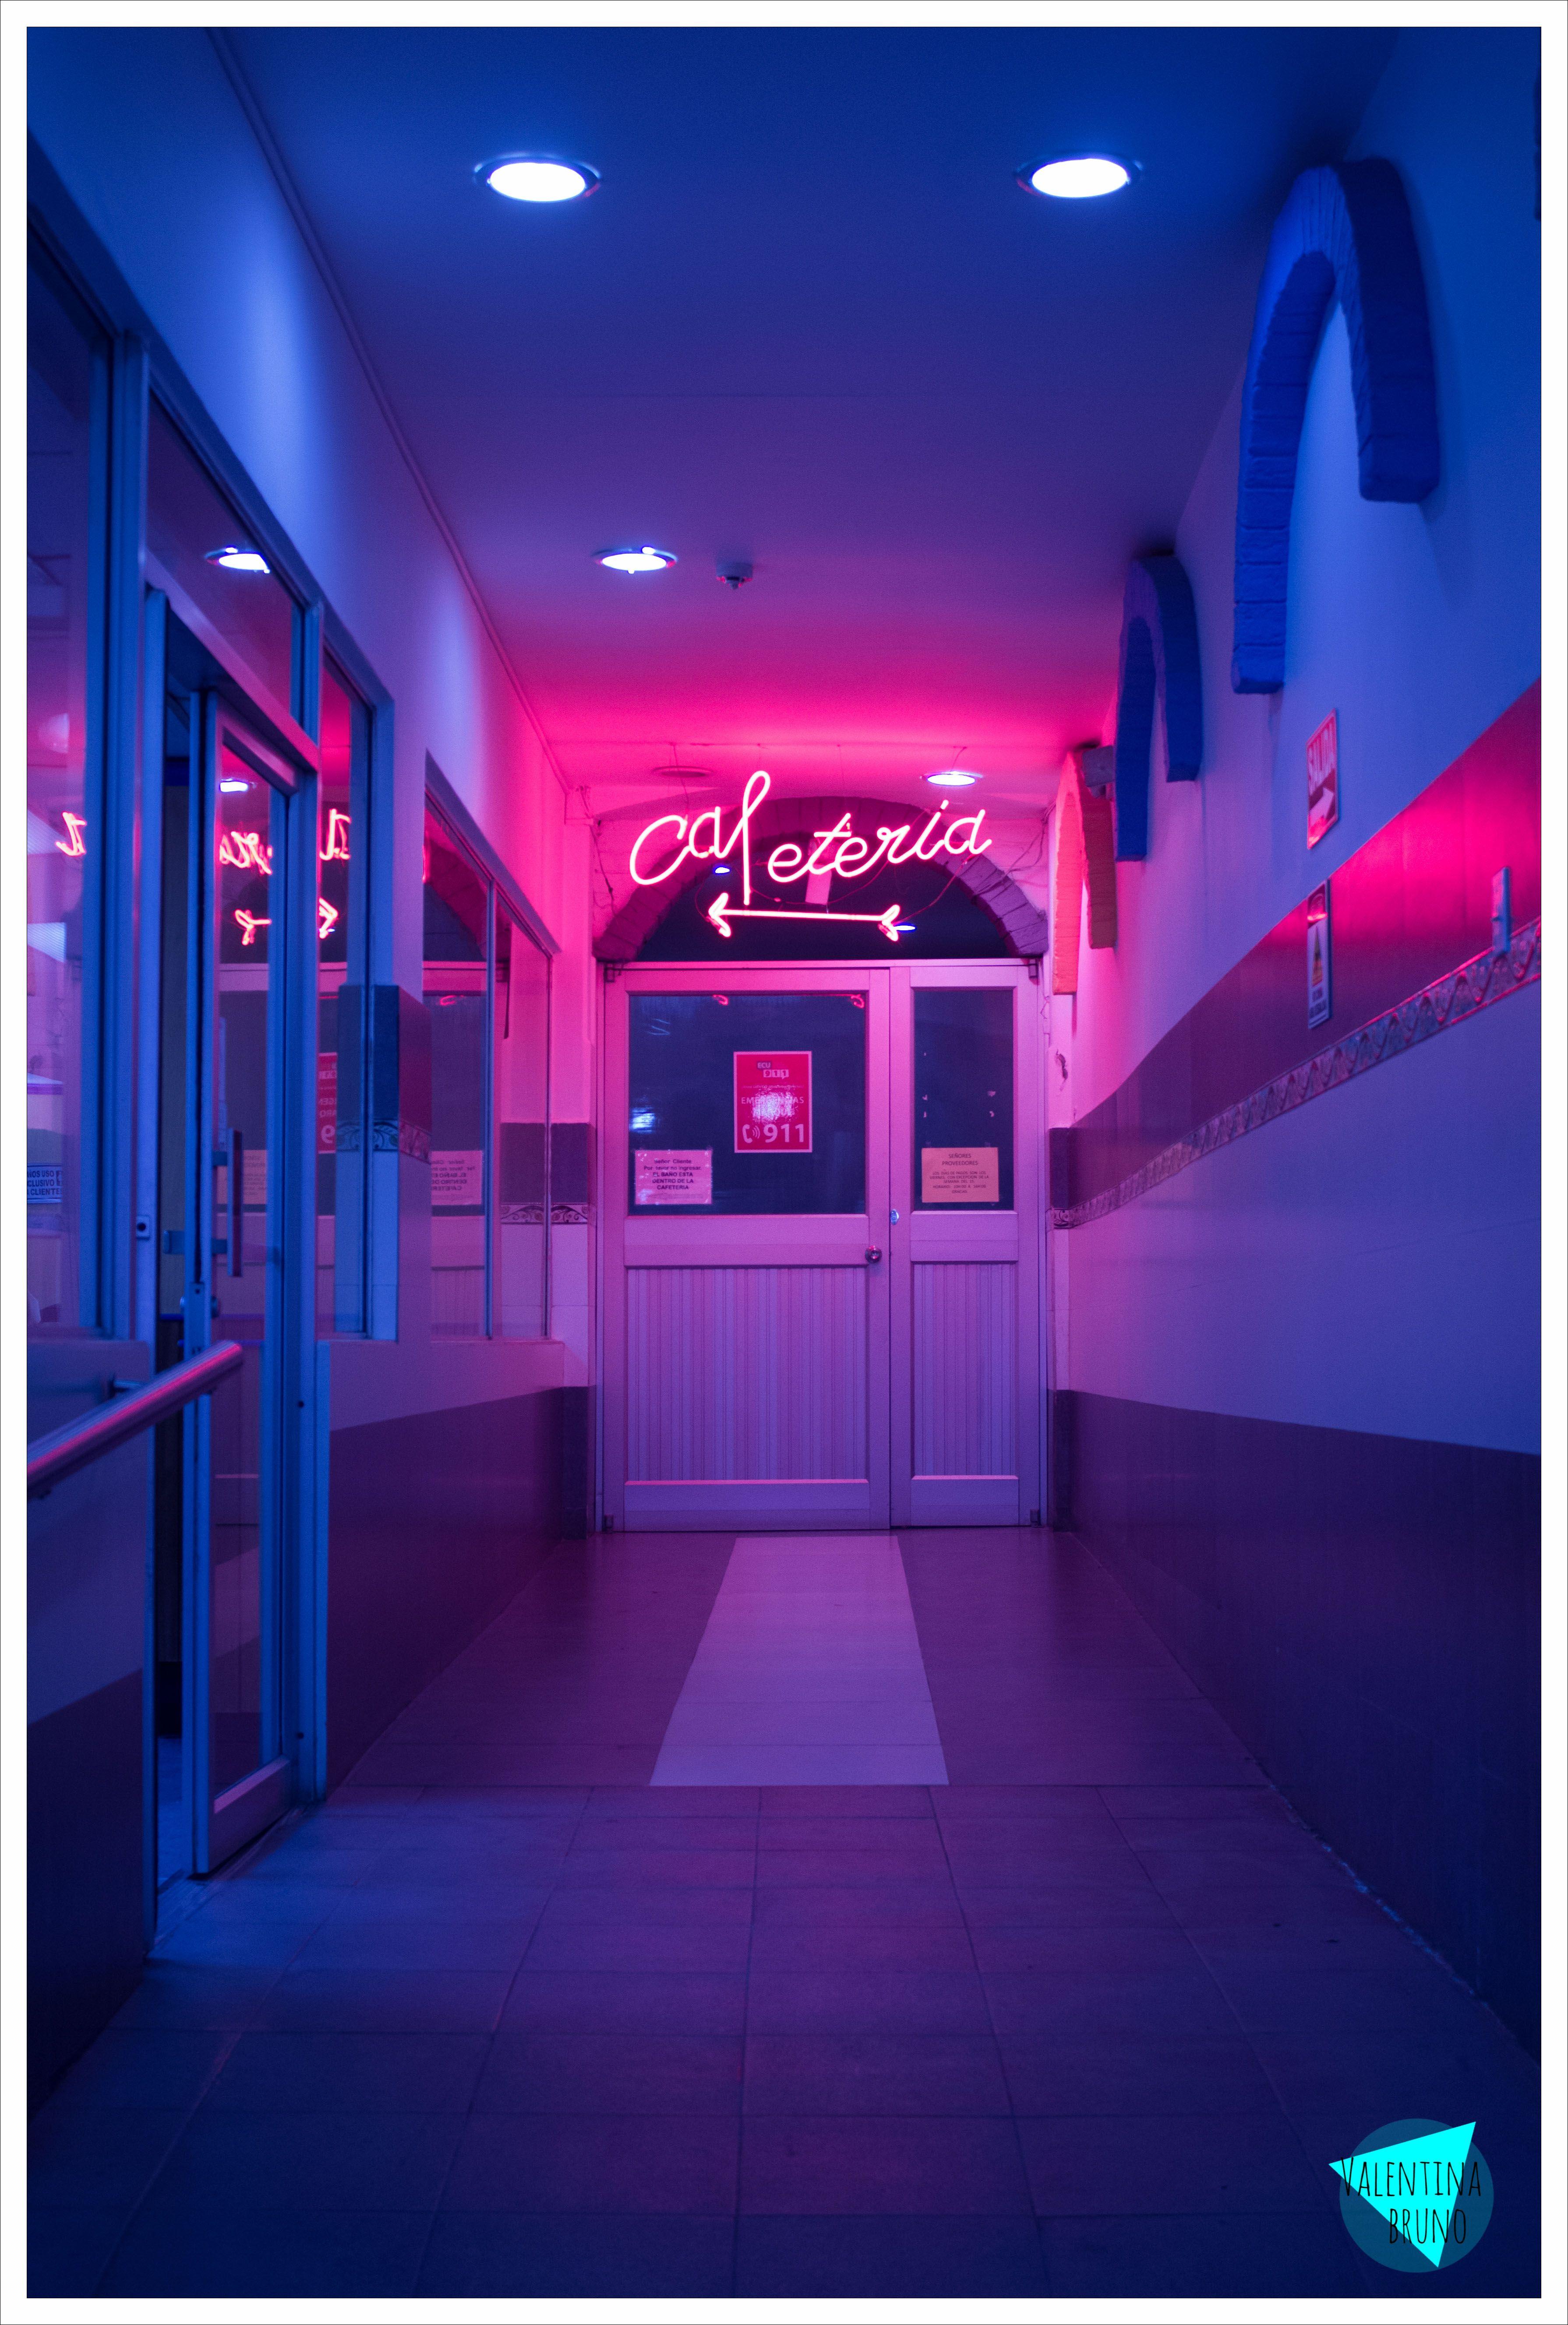 neon quito ecuador homescreen Neon aesthetic Purple 3580x5308